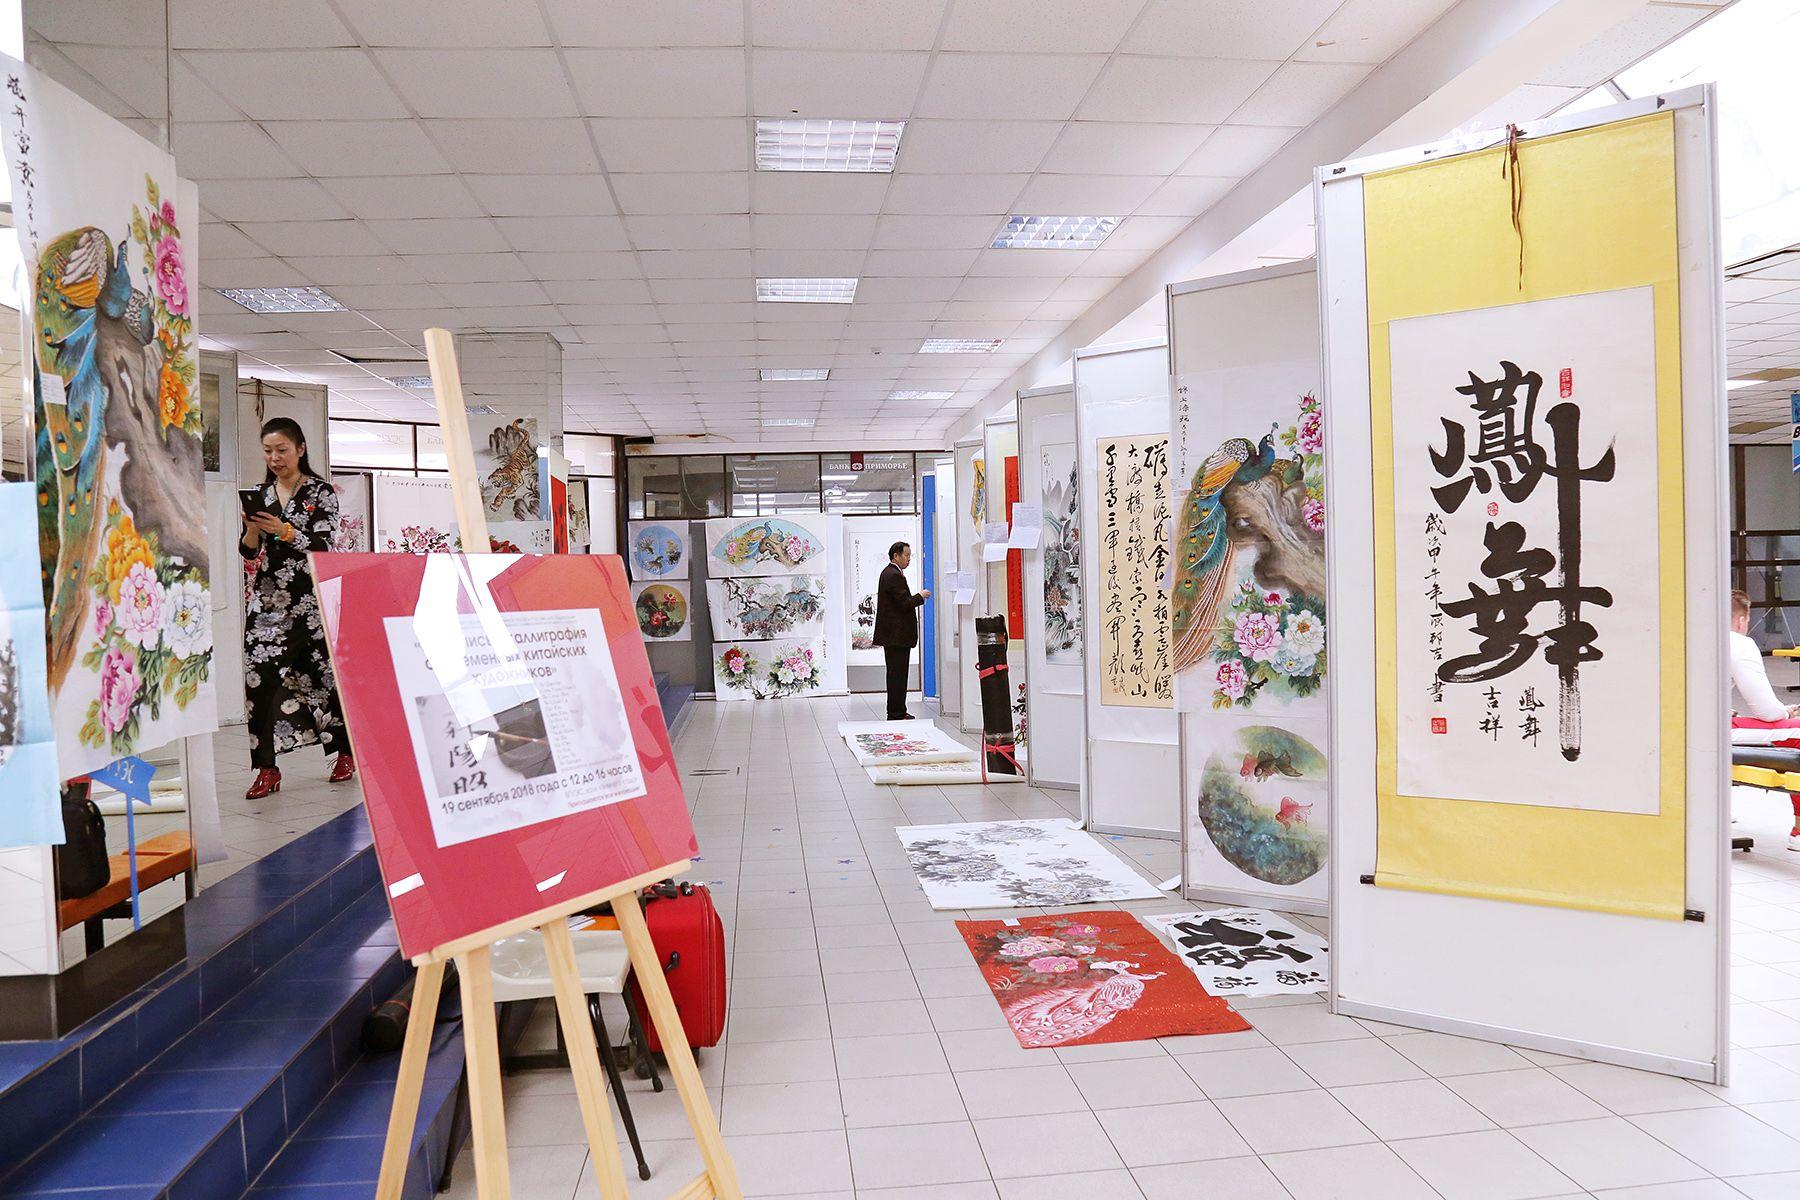 Фоторепортаж: Живопись и каллиграфия современных китайских художников